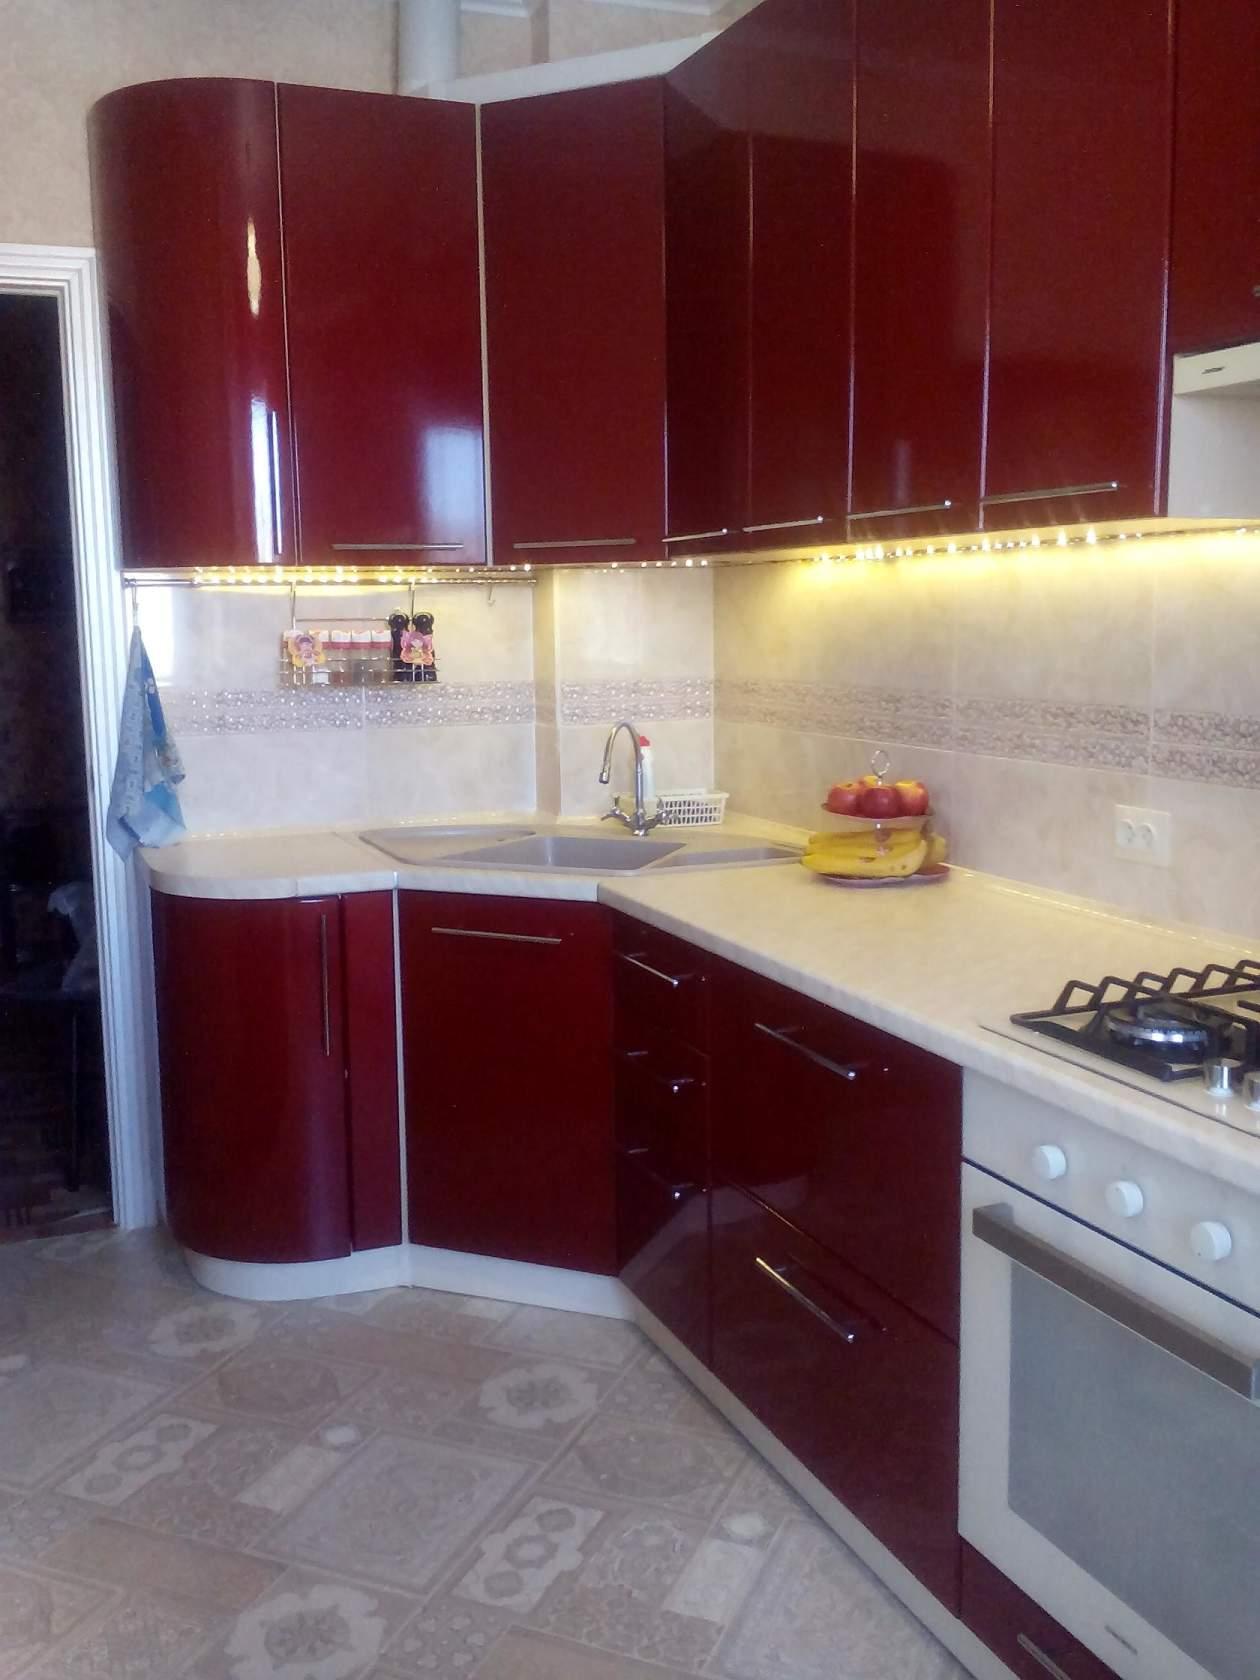 Бордовая кухня: фото интерьеров кухни в бордовом цвете